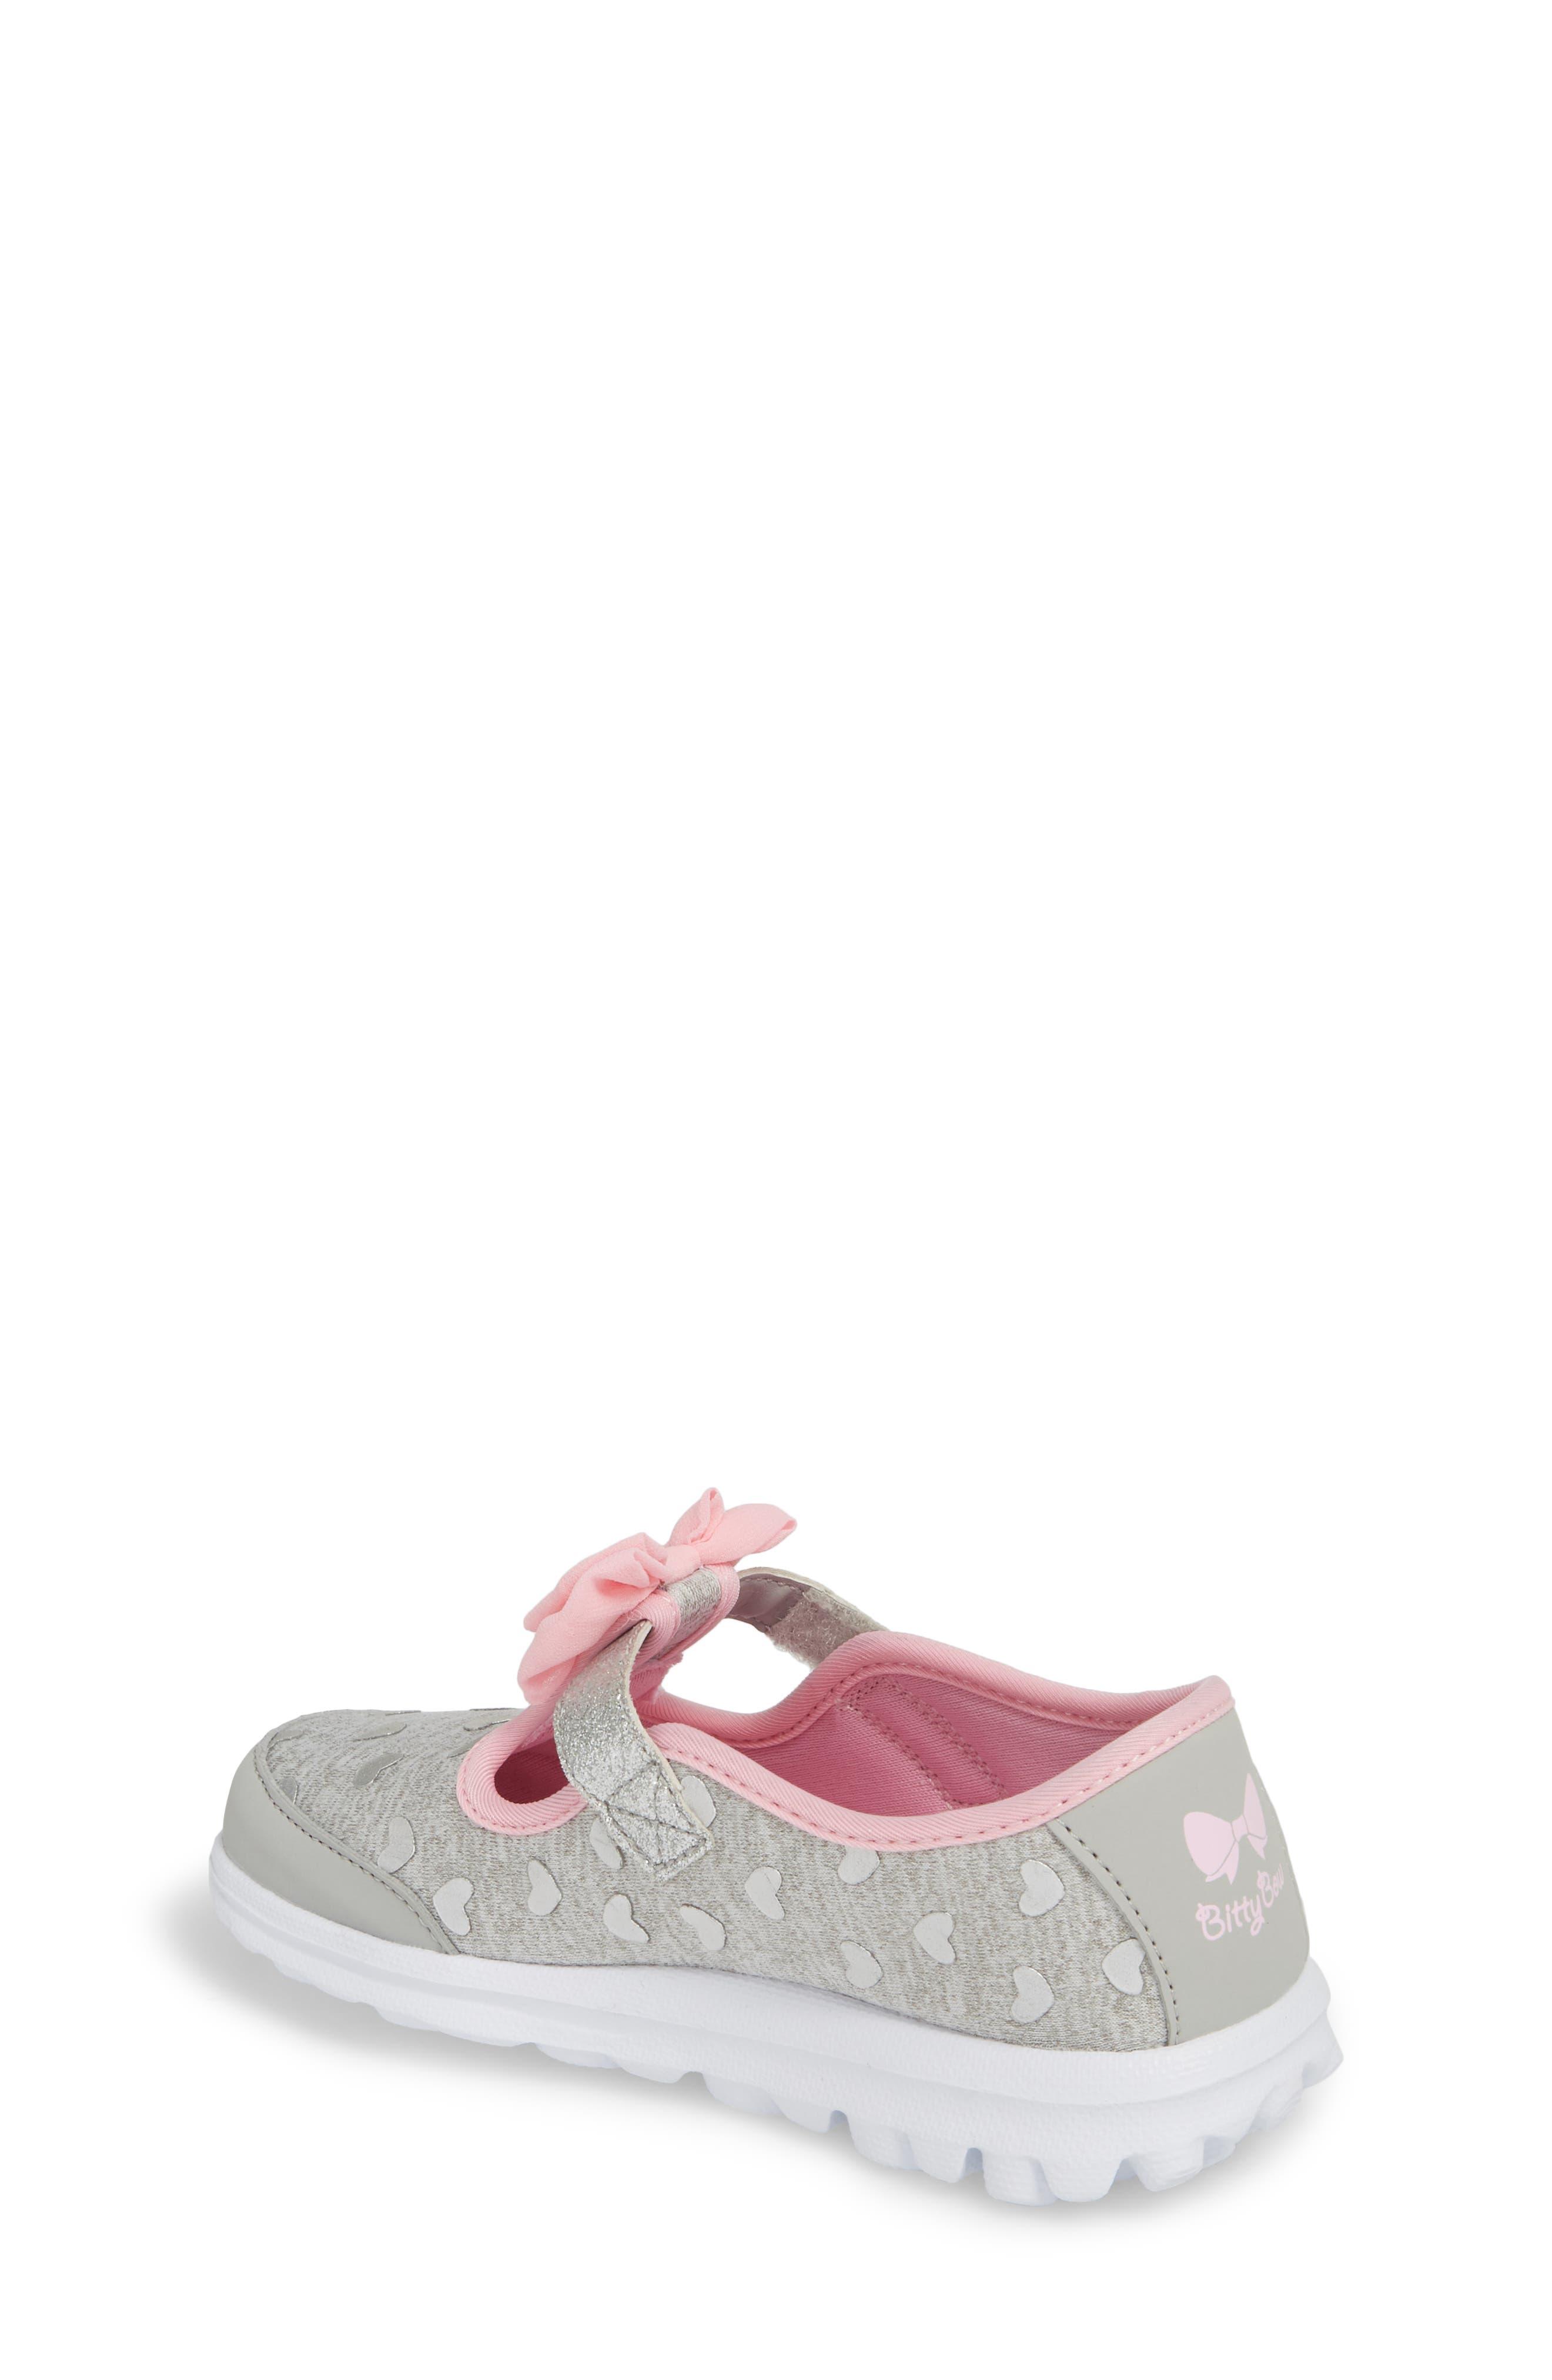 Go Walk Slip-On Sneaker,                             Alternate thumbnail 2, color,                             020